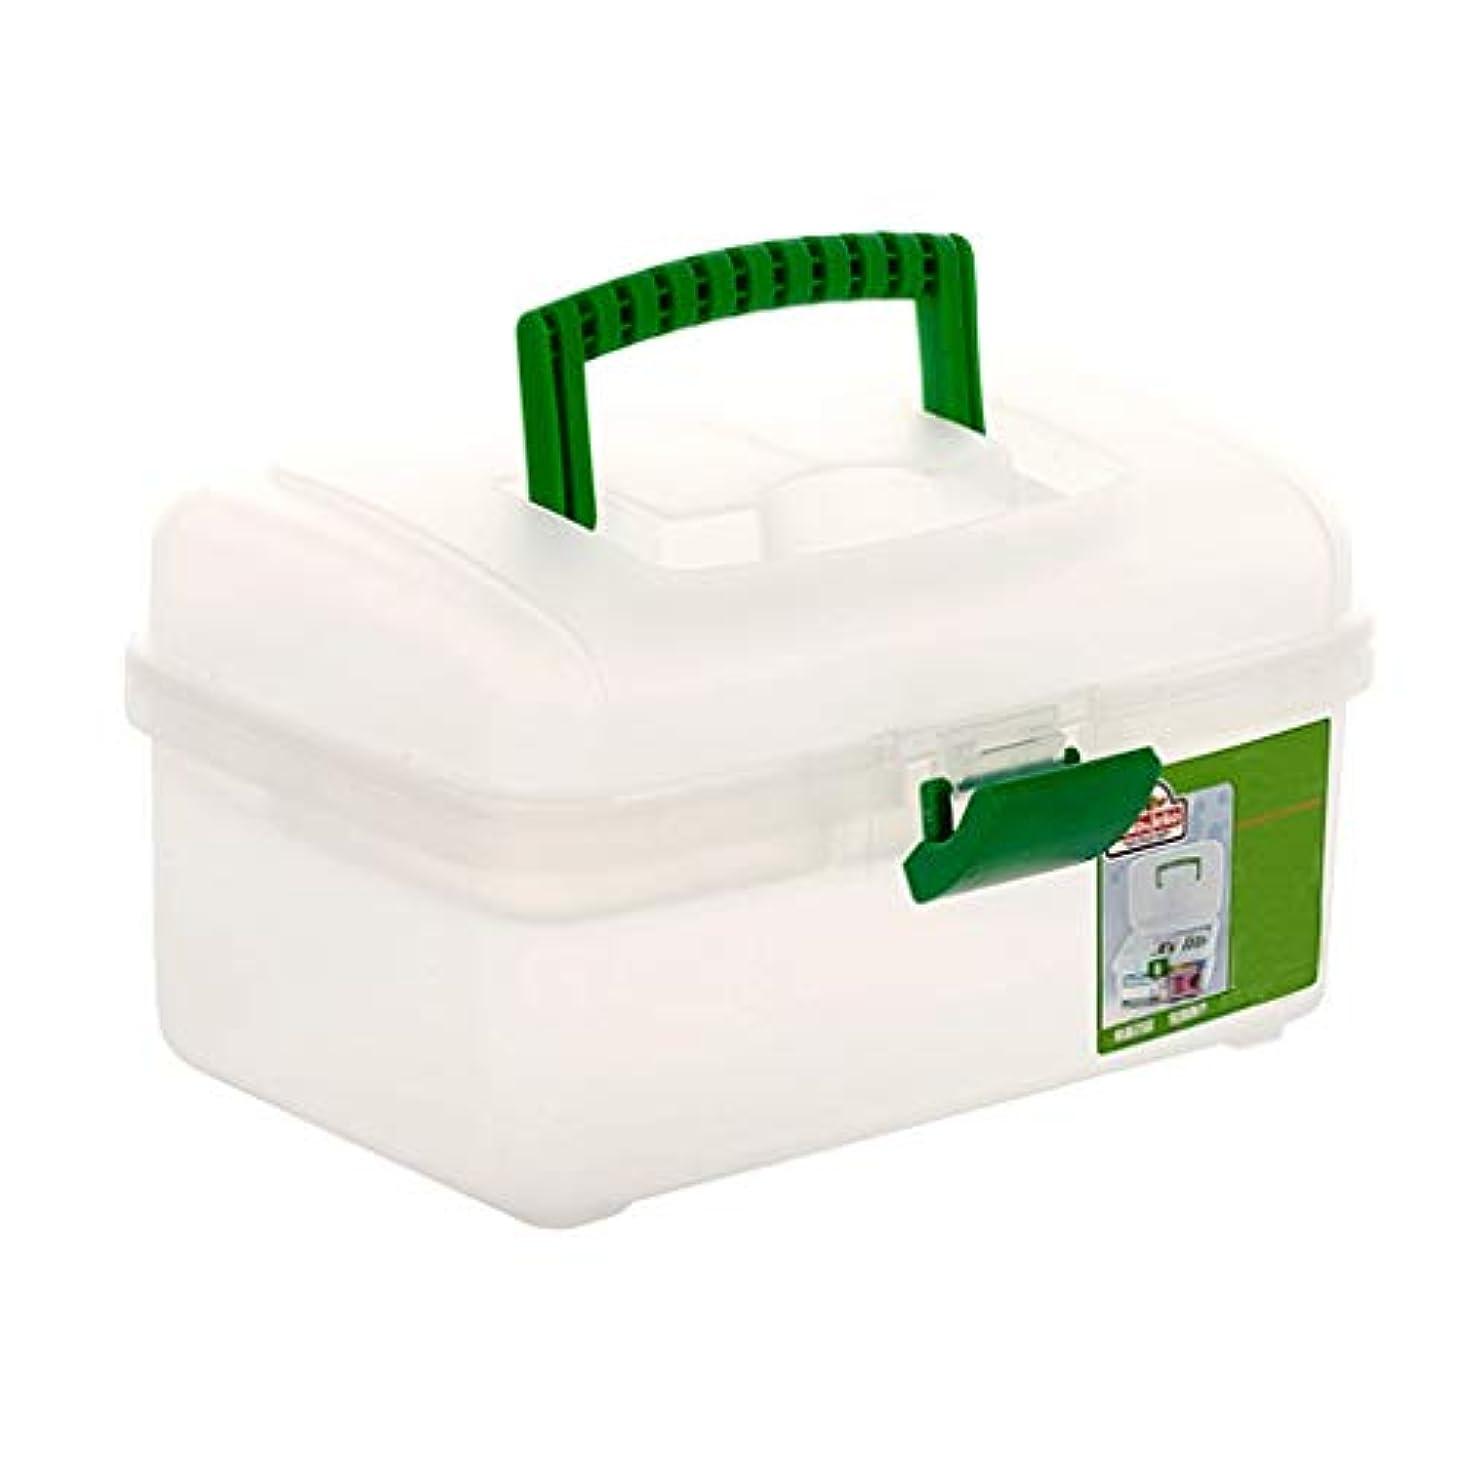 発生拾う初期のYQCS●LS 多層救急薬収納ボックス家庭用プラスチックこども用薬品ボックス医療用箱携帯用収納箱(色:透明)